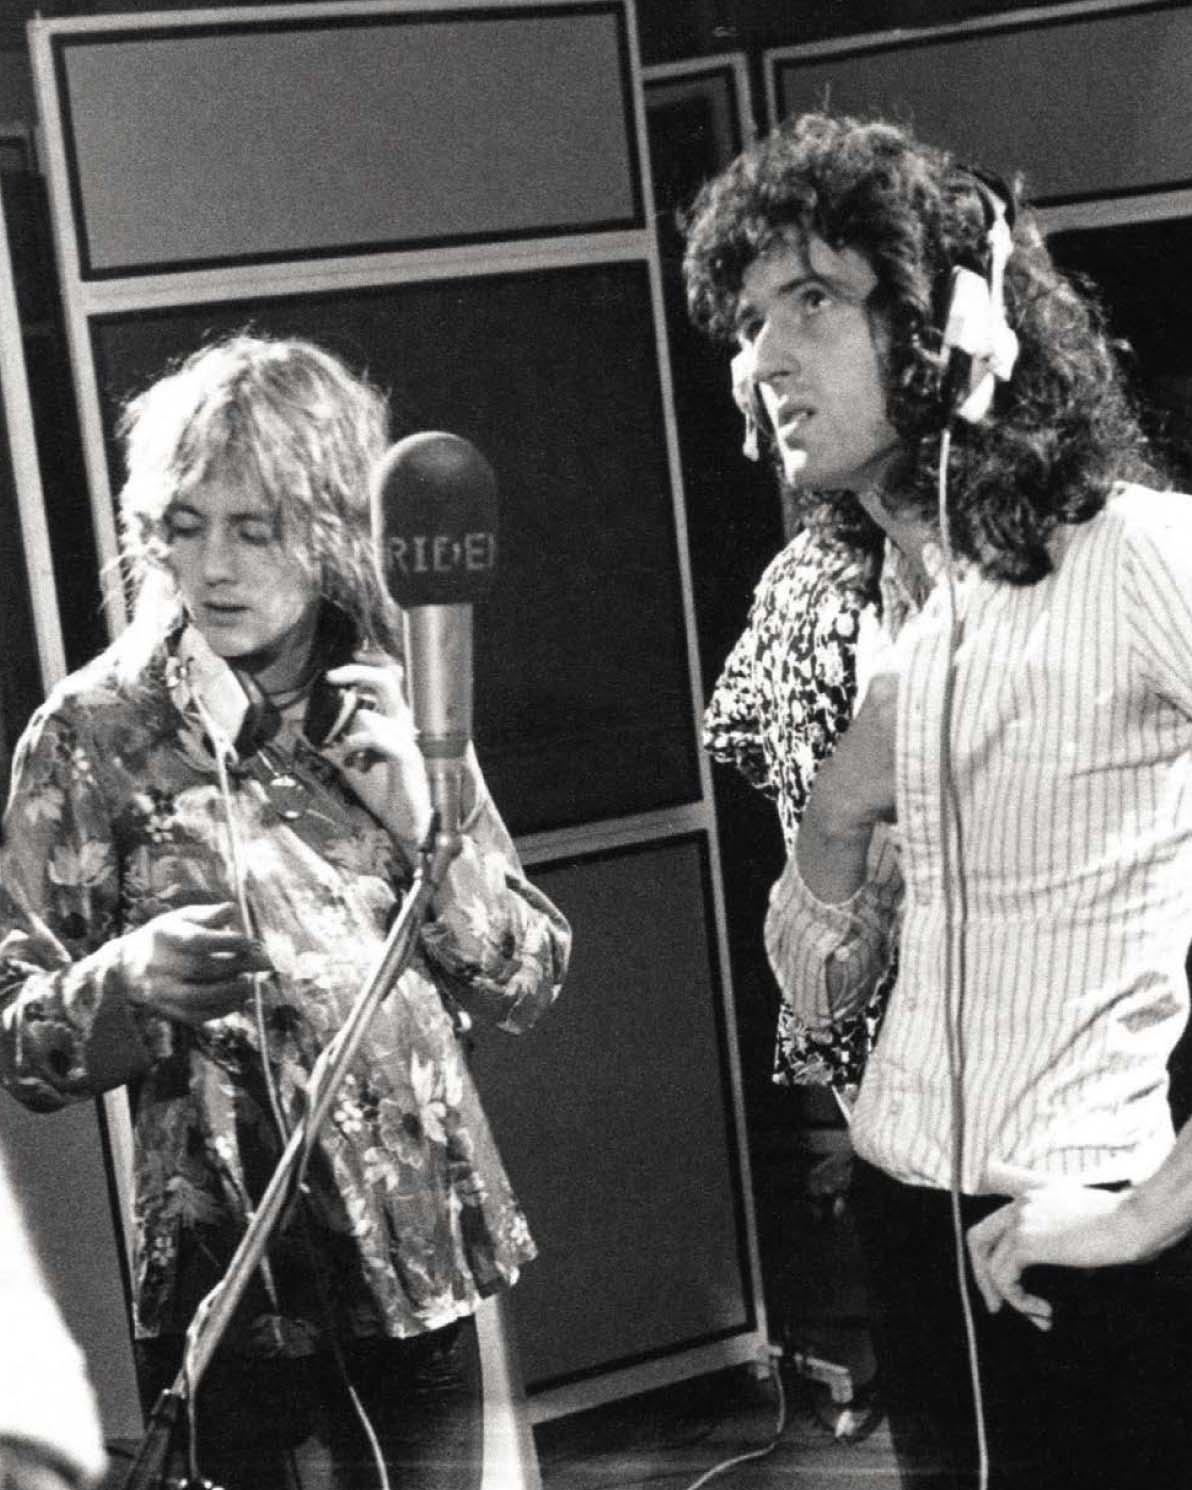 """Aux studios Trident lors des sessions d'enregistrement de l'album """"Sheer Heart Attack"""". EMI/Hollywood Records/Dr."""